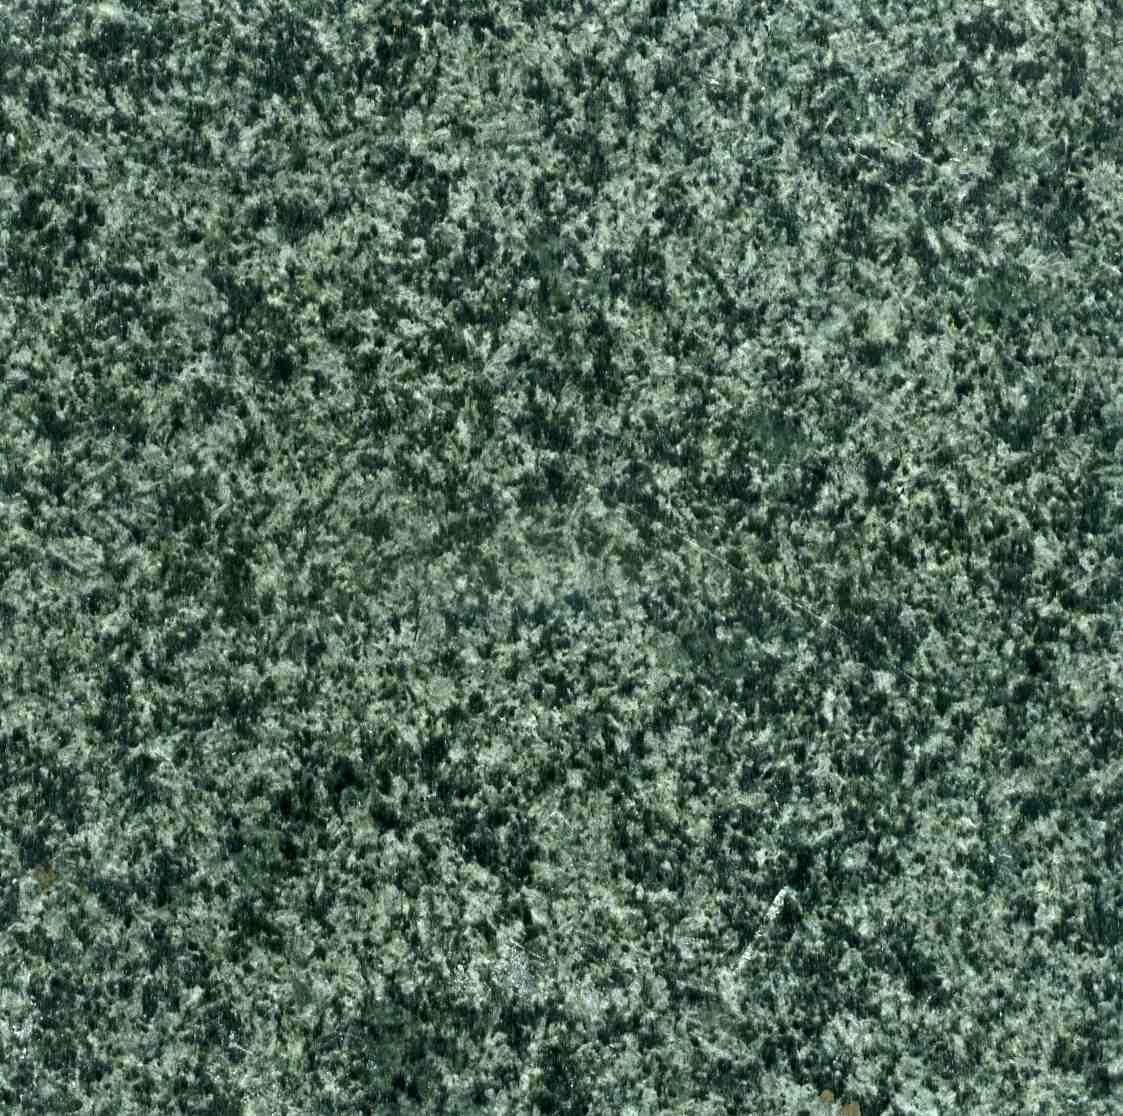 Carrelage en pierre naturel de granit chinois du vert g612 for Prix du carrelage